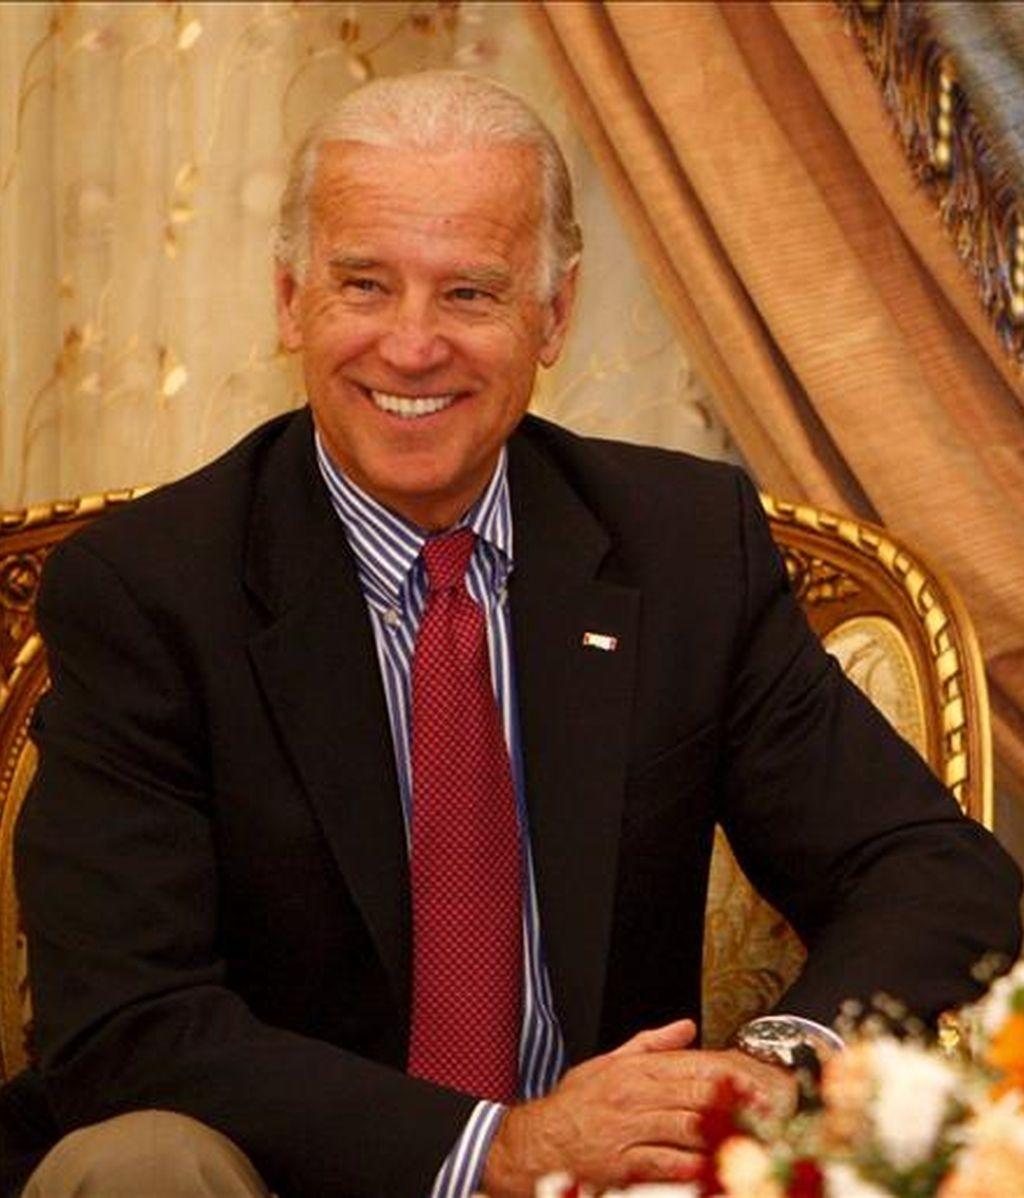 El vicepresidente estadounidense, Joe Biden, durante una visita a Bagdad en enero del pasado año. EFE